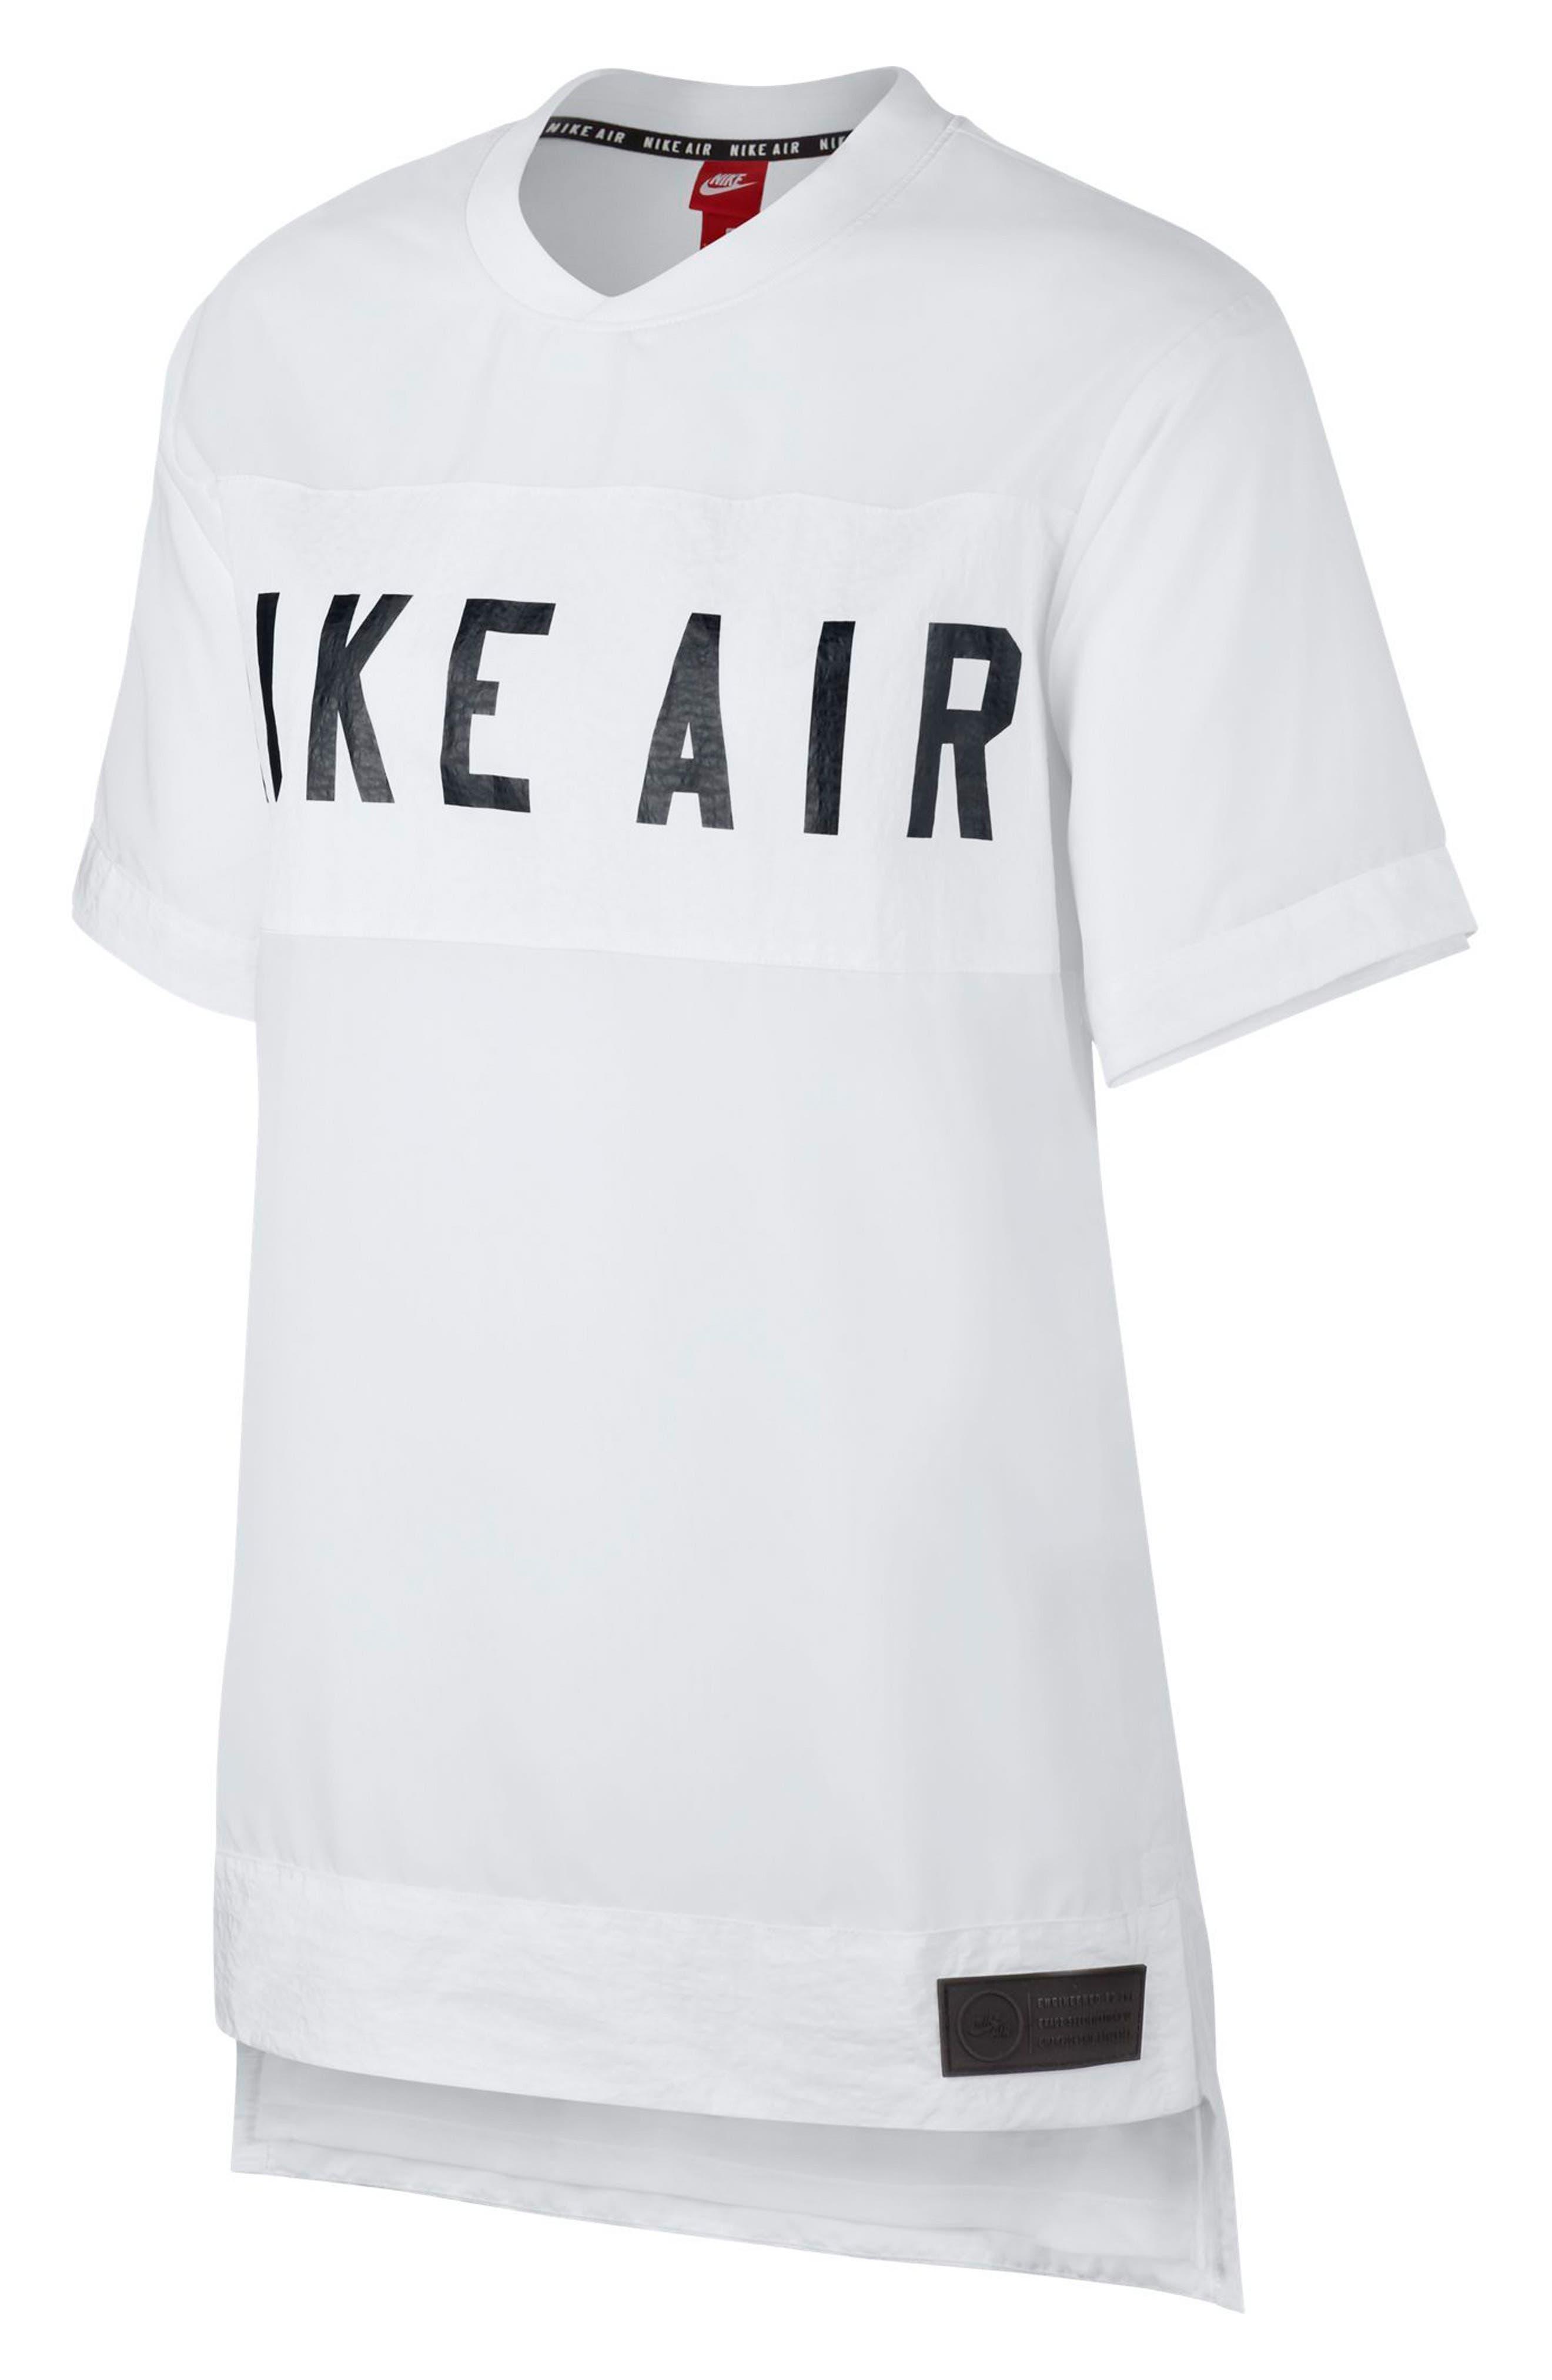 Nike Air Tee